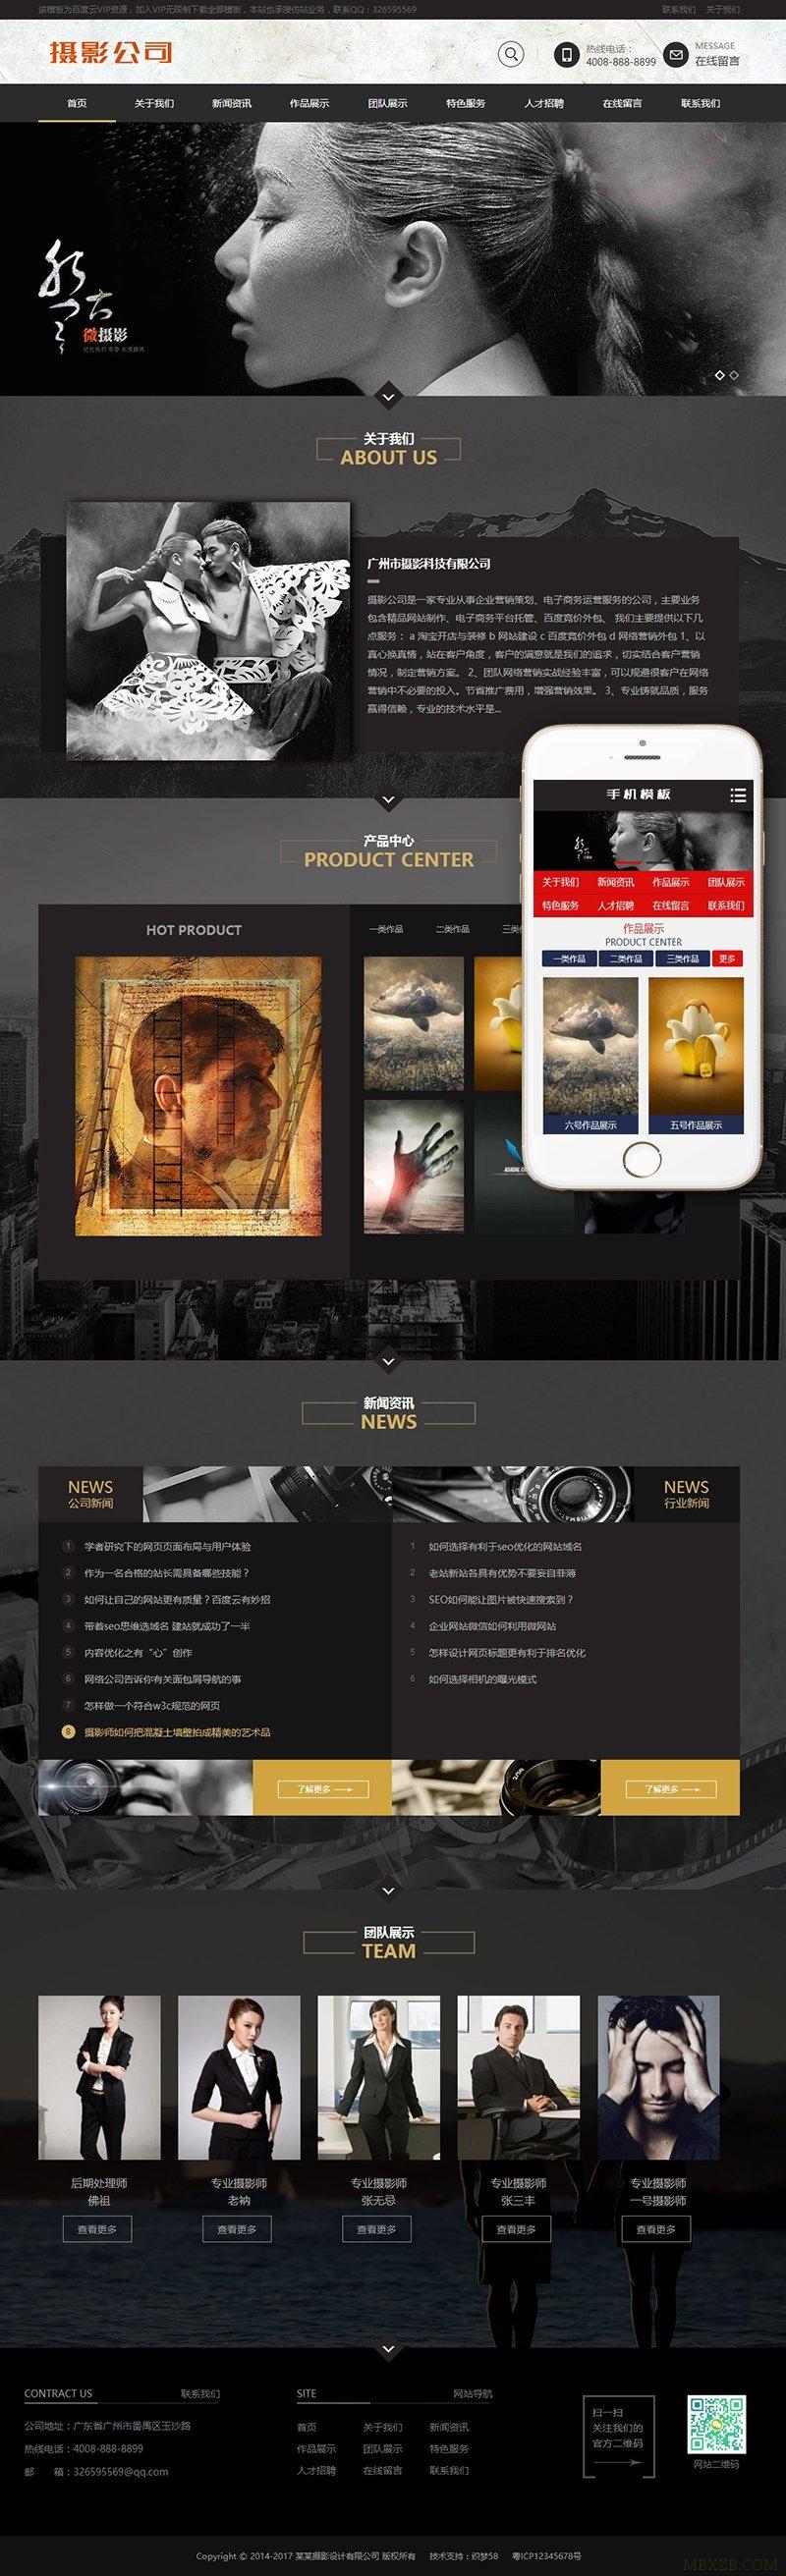 黑色高端摄影设计类网站源码 PS设计摄影网站织梦模板